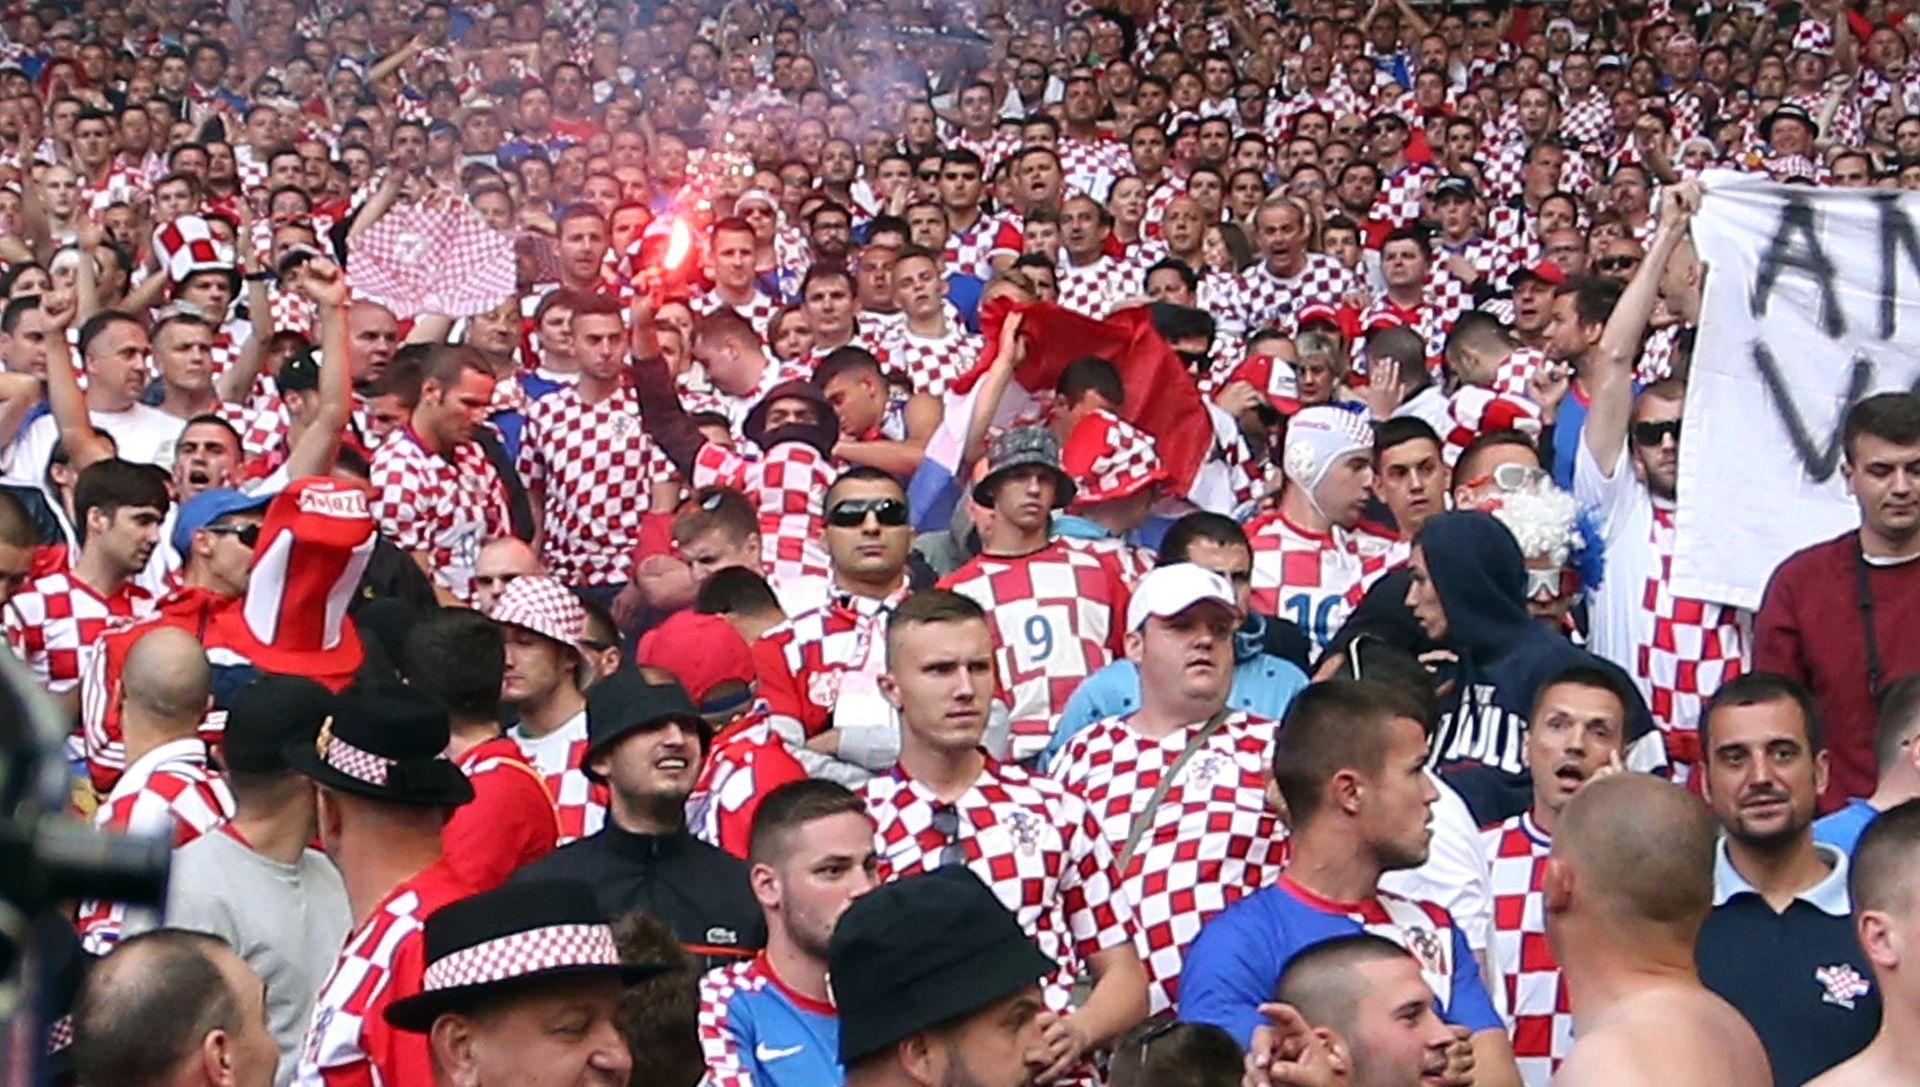 FOTO: NEVJEROJATNO! Na Facebooku objavljen plan prekida utakmice i protiv Španjolske?